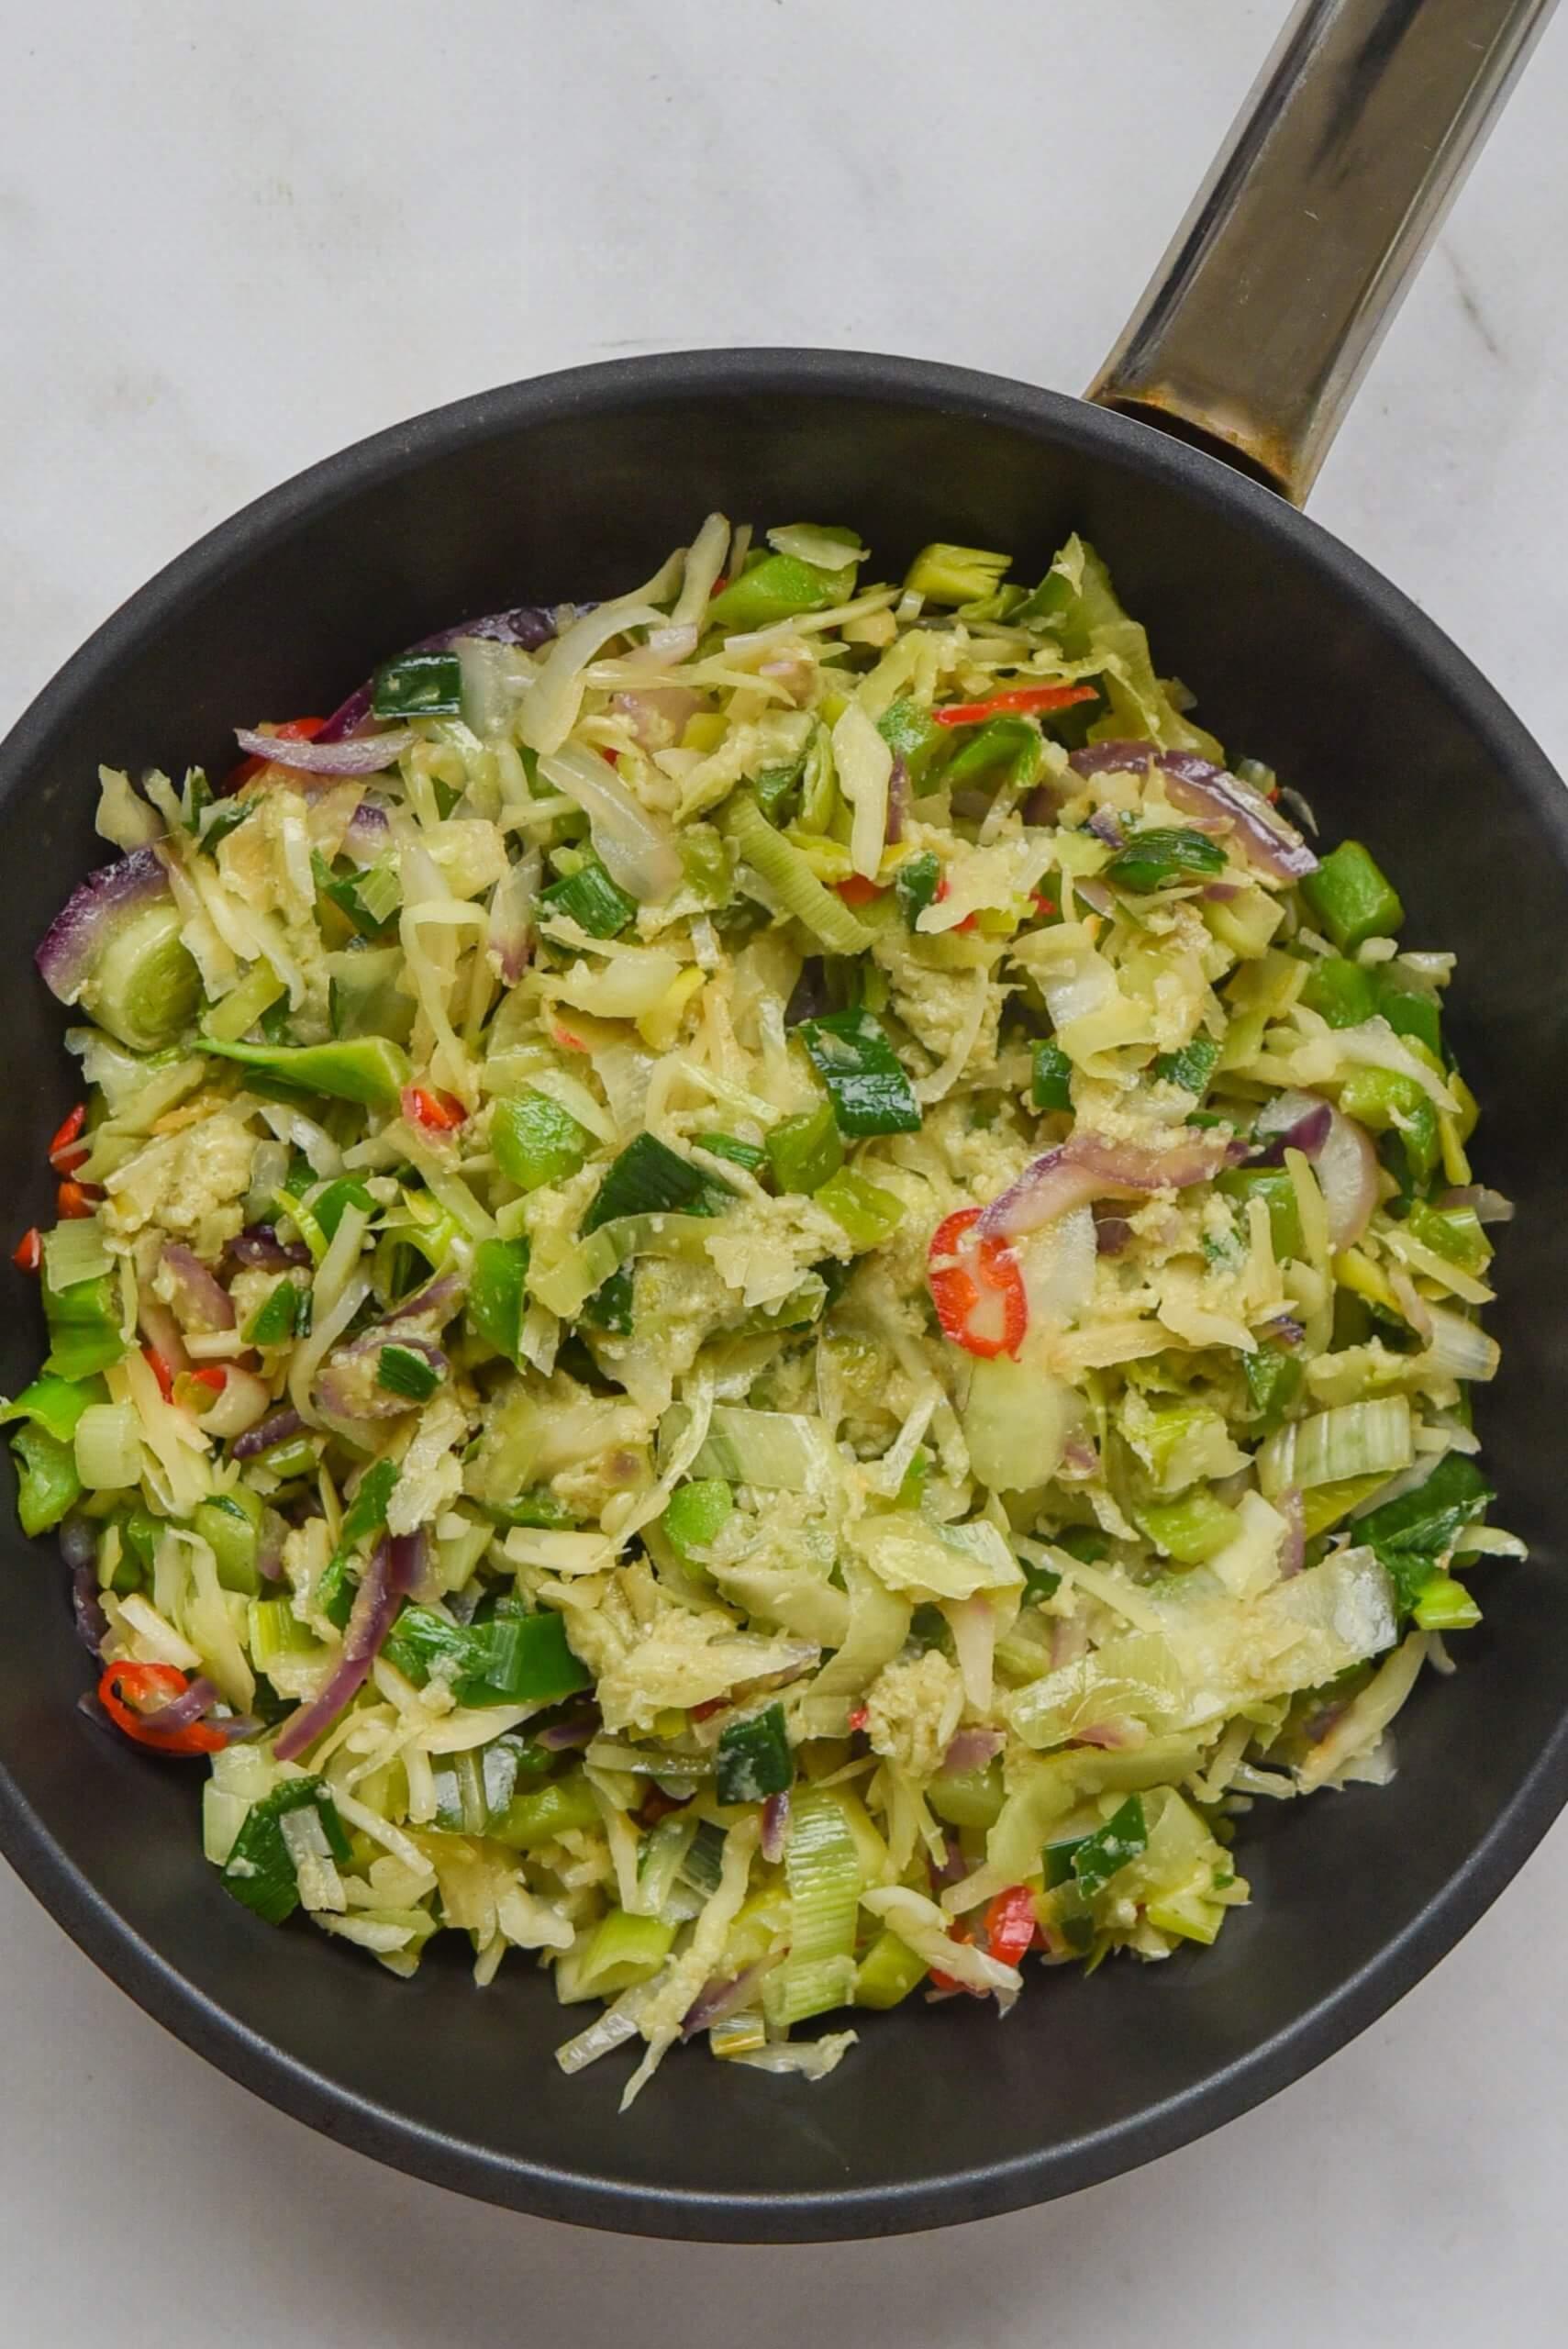 groentehack wokgroente - staand